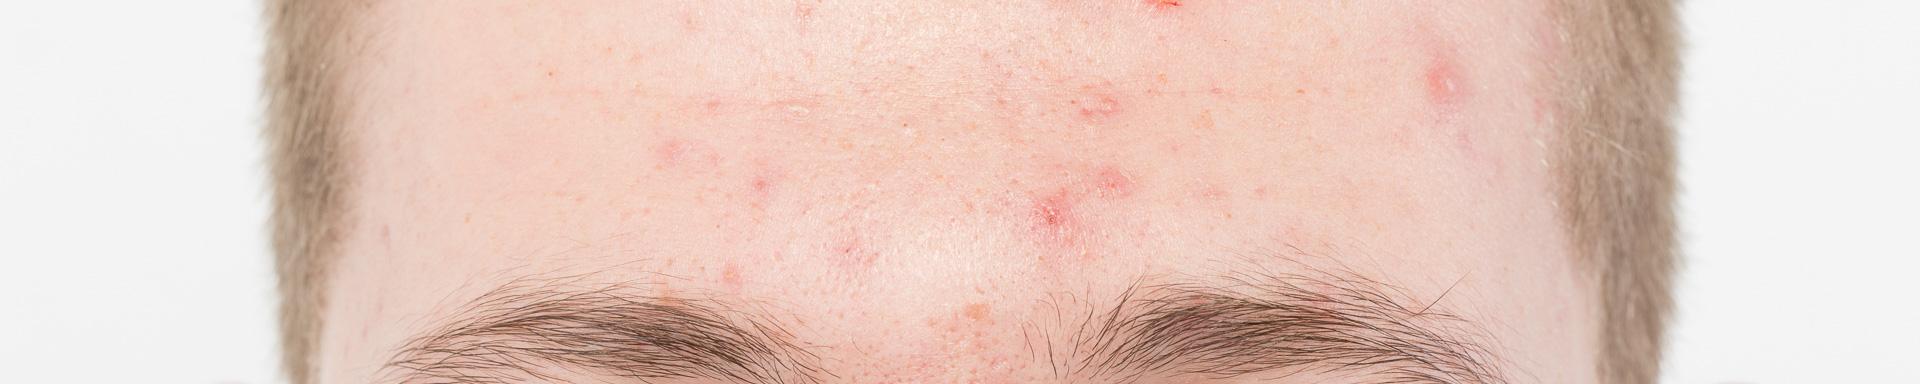 Huidaandoeningen-Acne